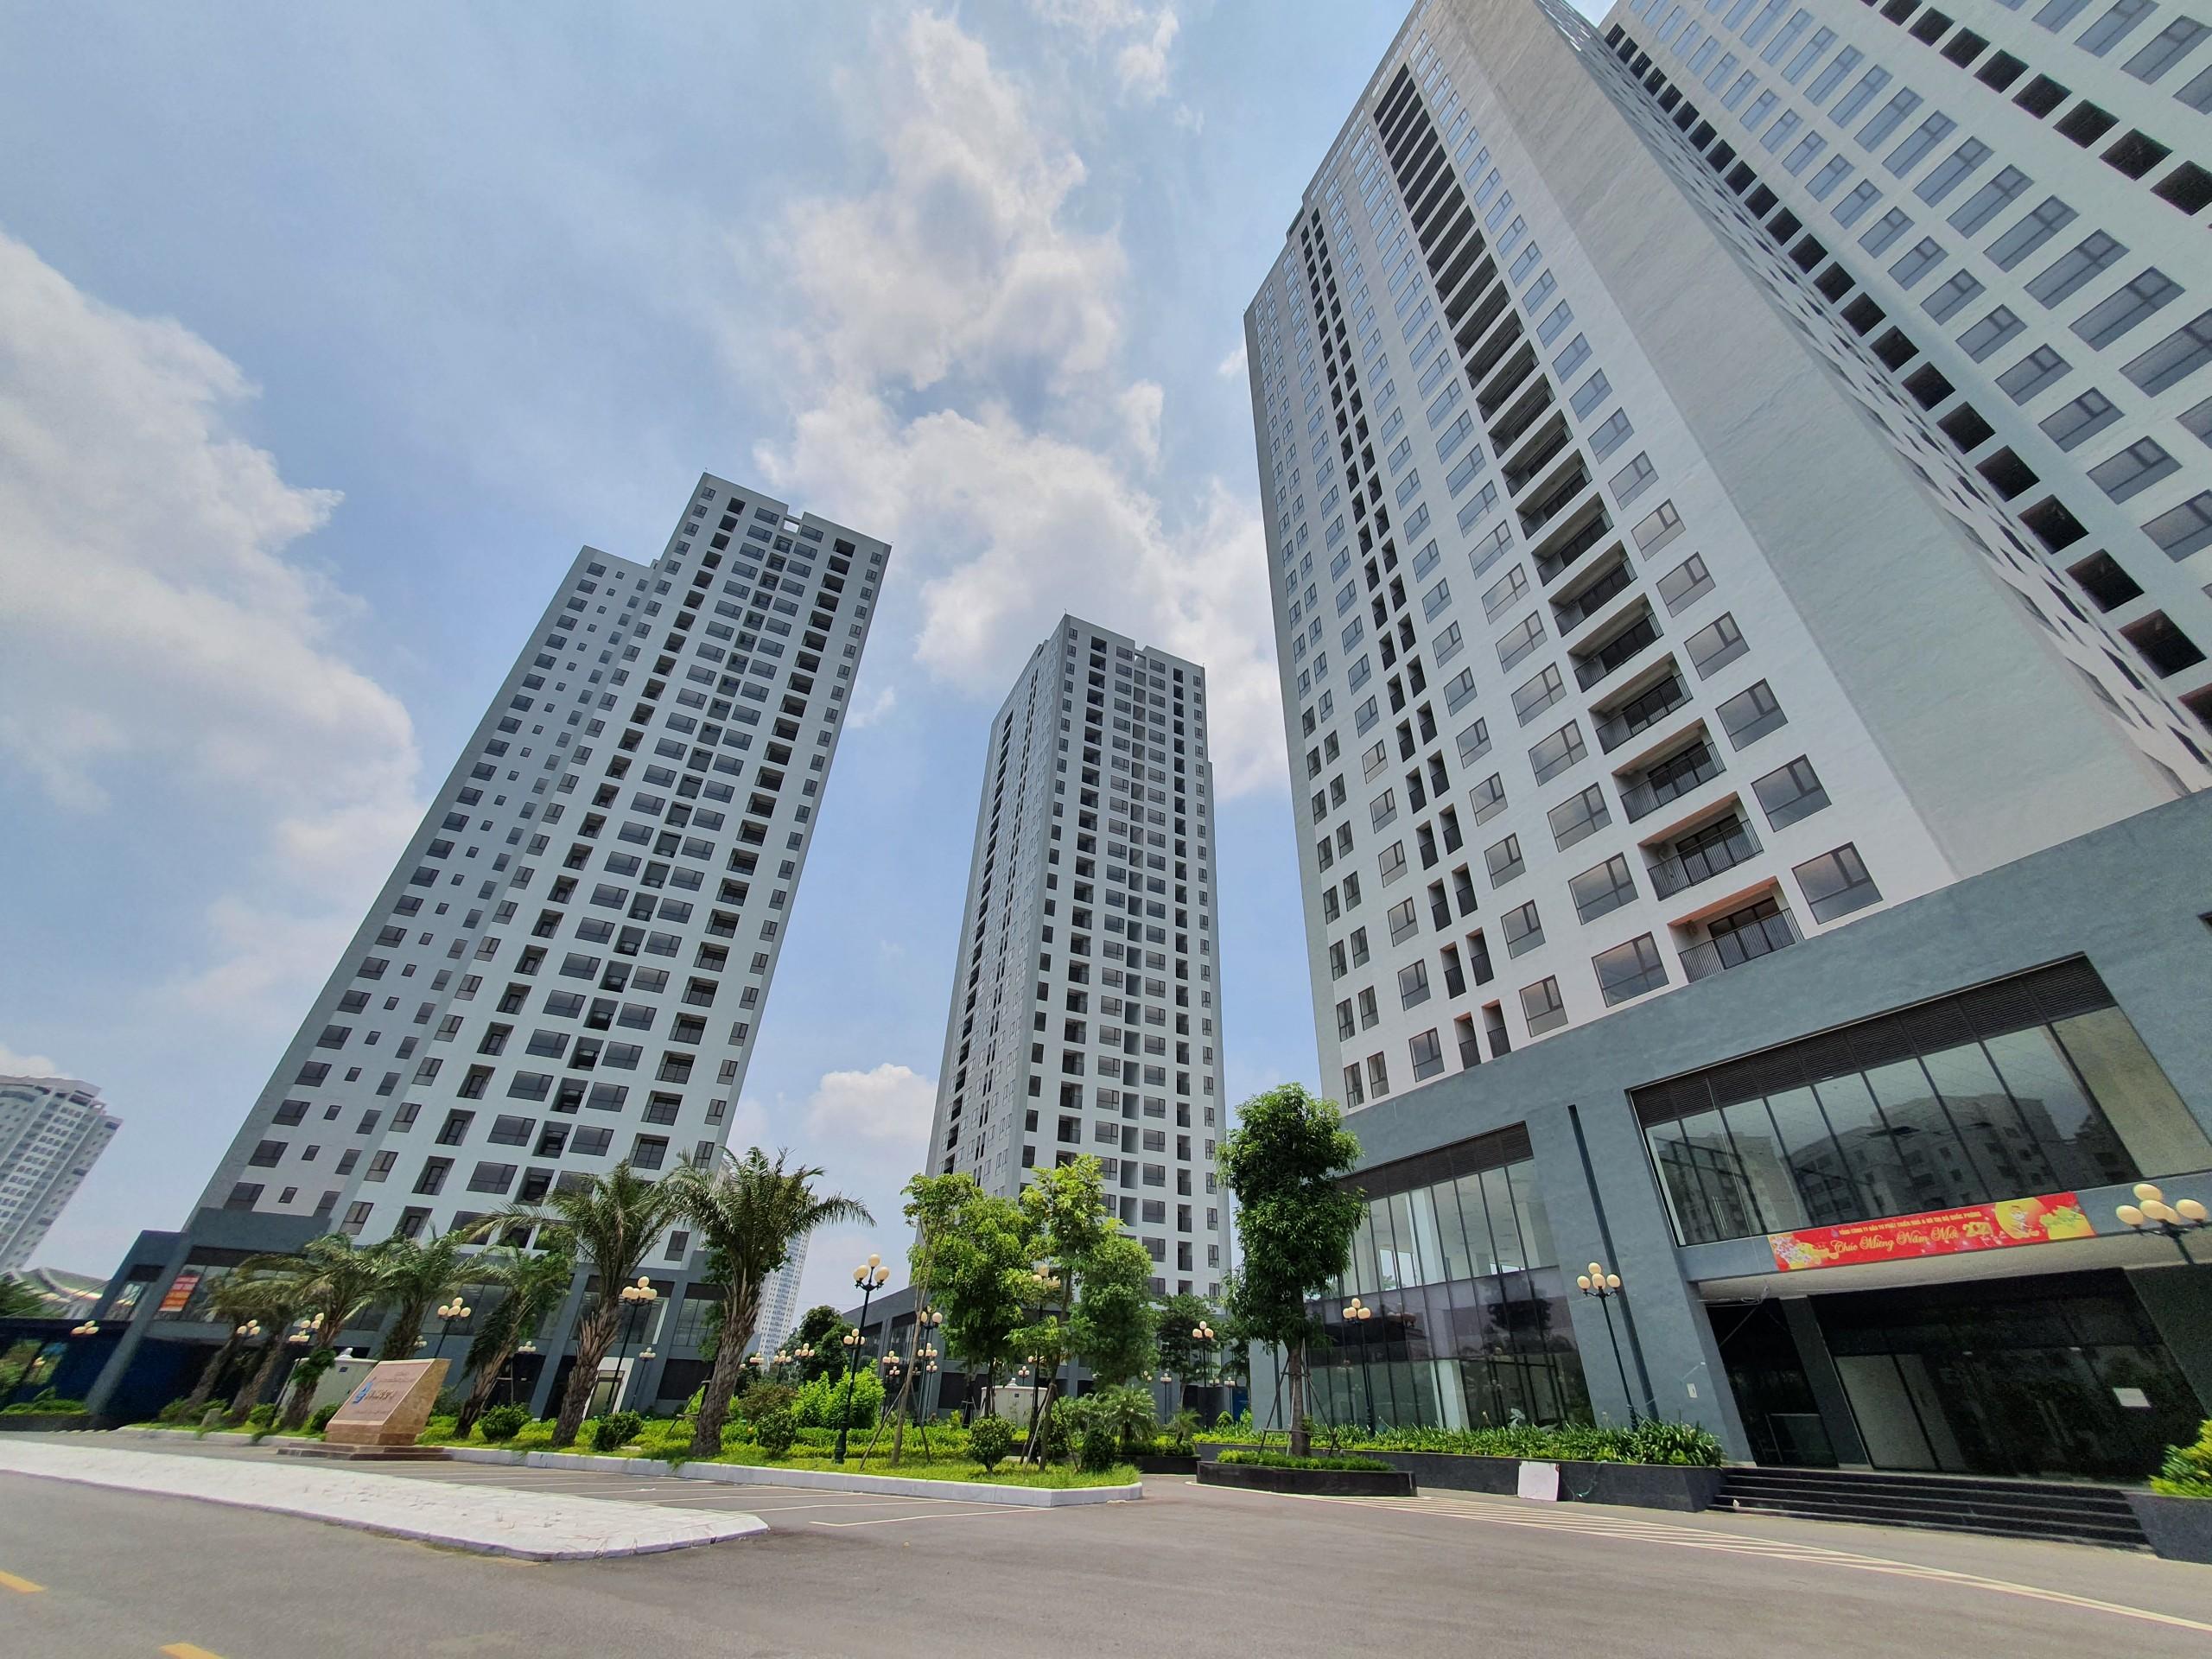 Ngoài ra,Dự án nhà ở thương mại phục vụ tái định cư tại khu X2 Đại Kim, quận Hoàng Mai cũng được trưng dụng làm khu cách ly, bệnh viện da chiến.